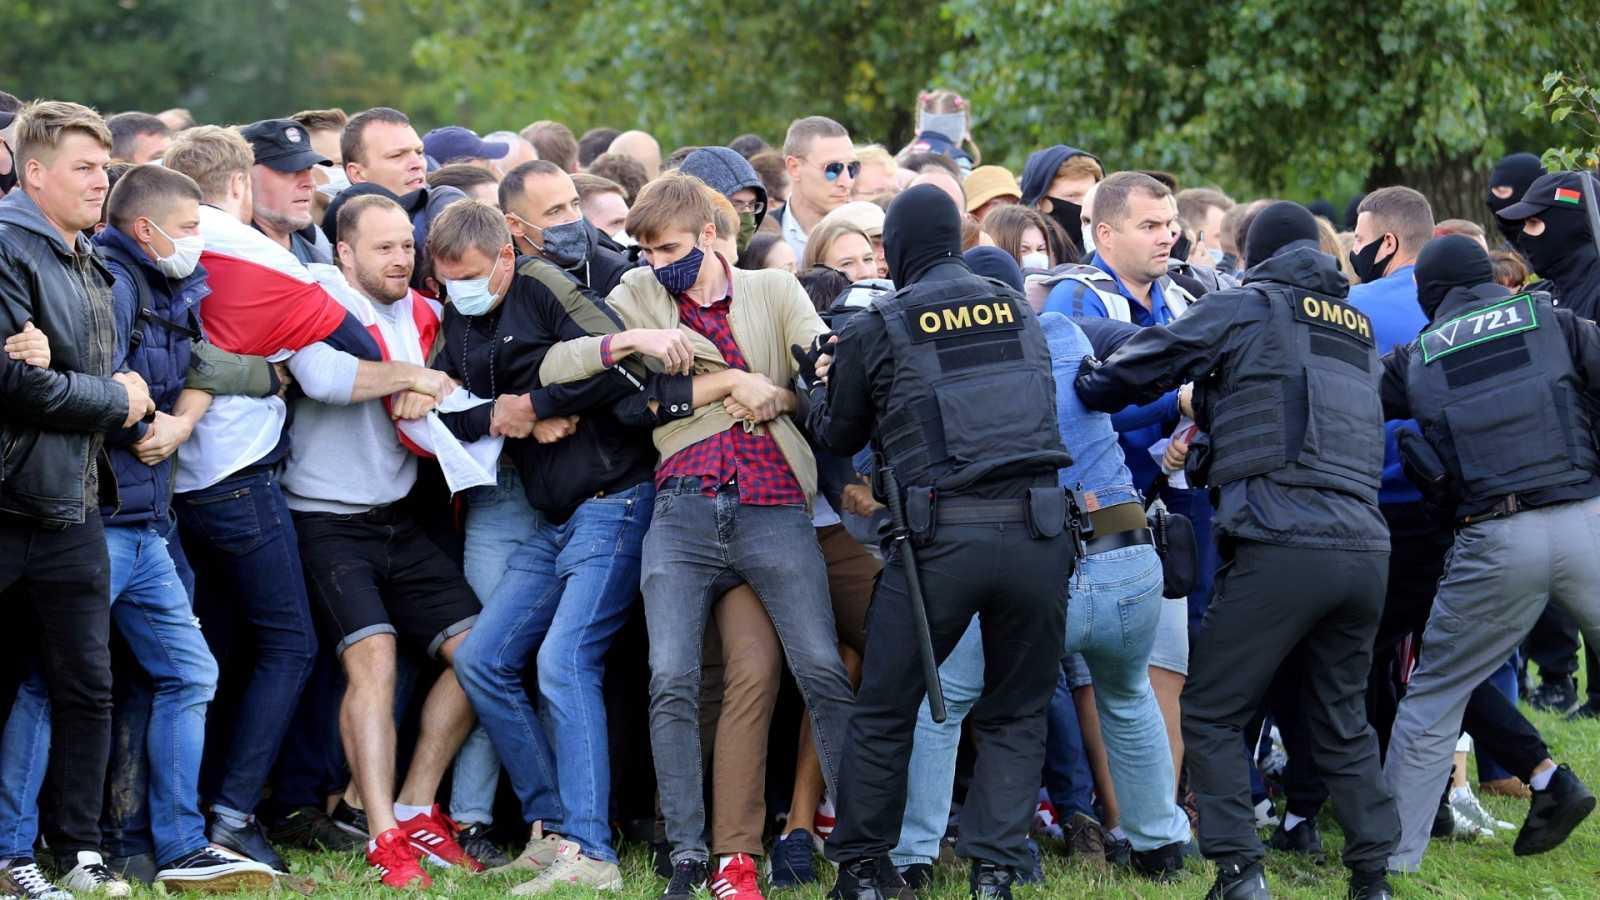 Miles de personas se han reunido en el centro de Minsk para protestar contra el presidente Alexandr Lukashenko.